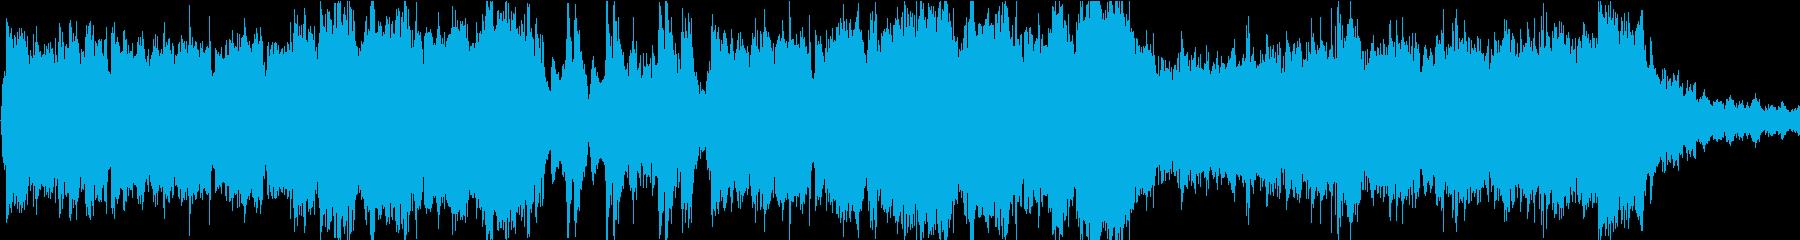 ボス戦に最適なバトル曲[ループ]の再生済みの波形